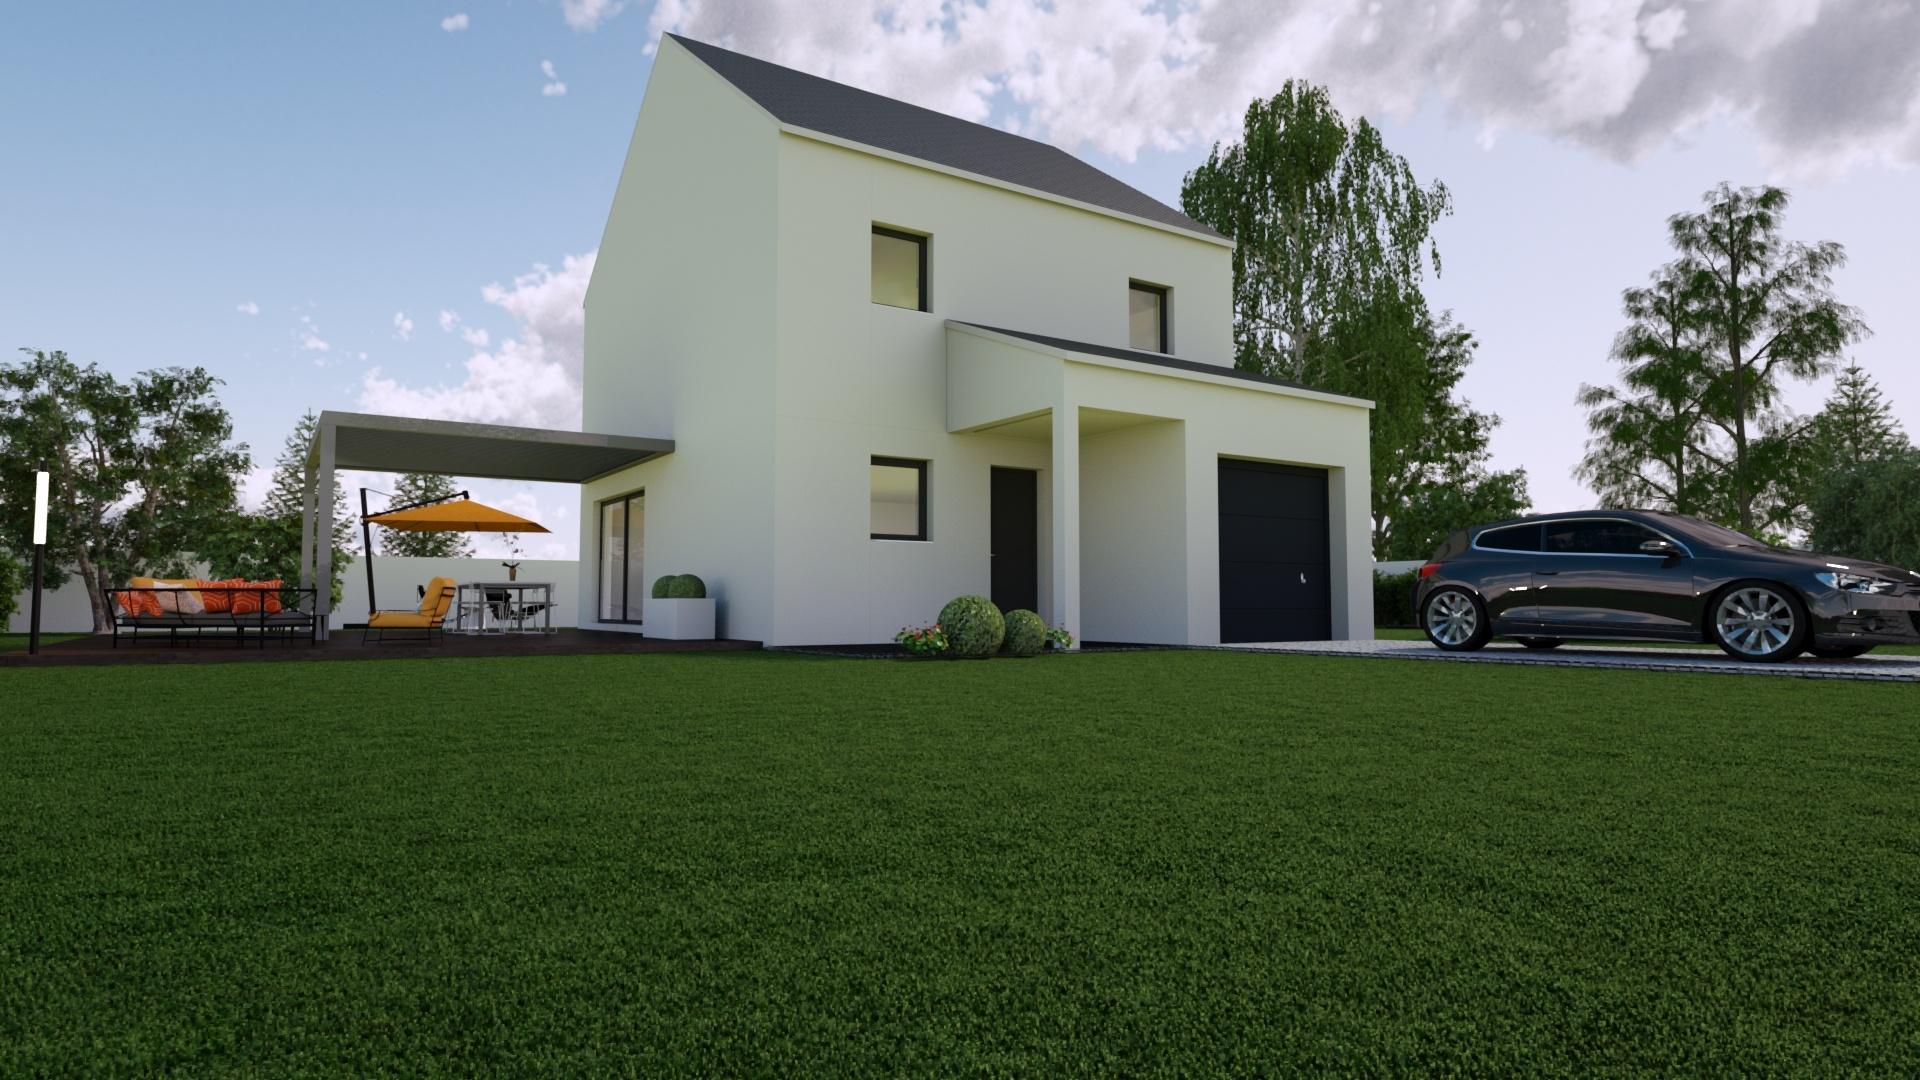 Maisons + Terrains du constructeur Mon Courtier Maison • 94 m² • SUCE SUR ERDRE